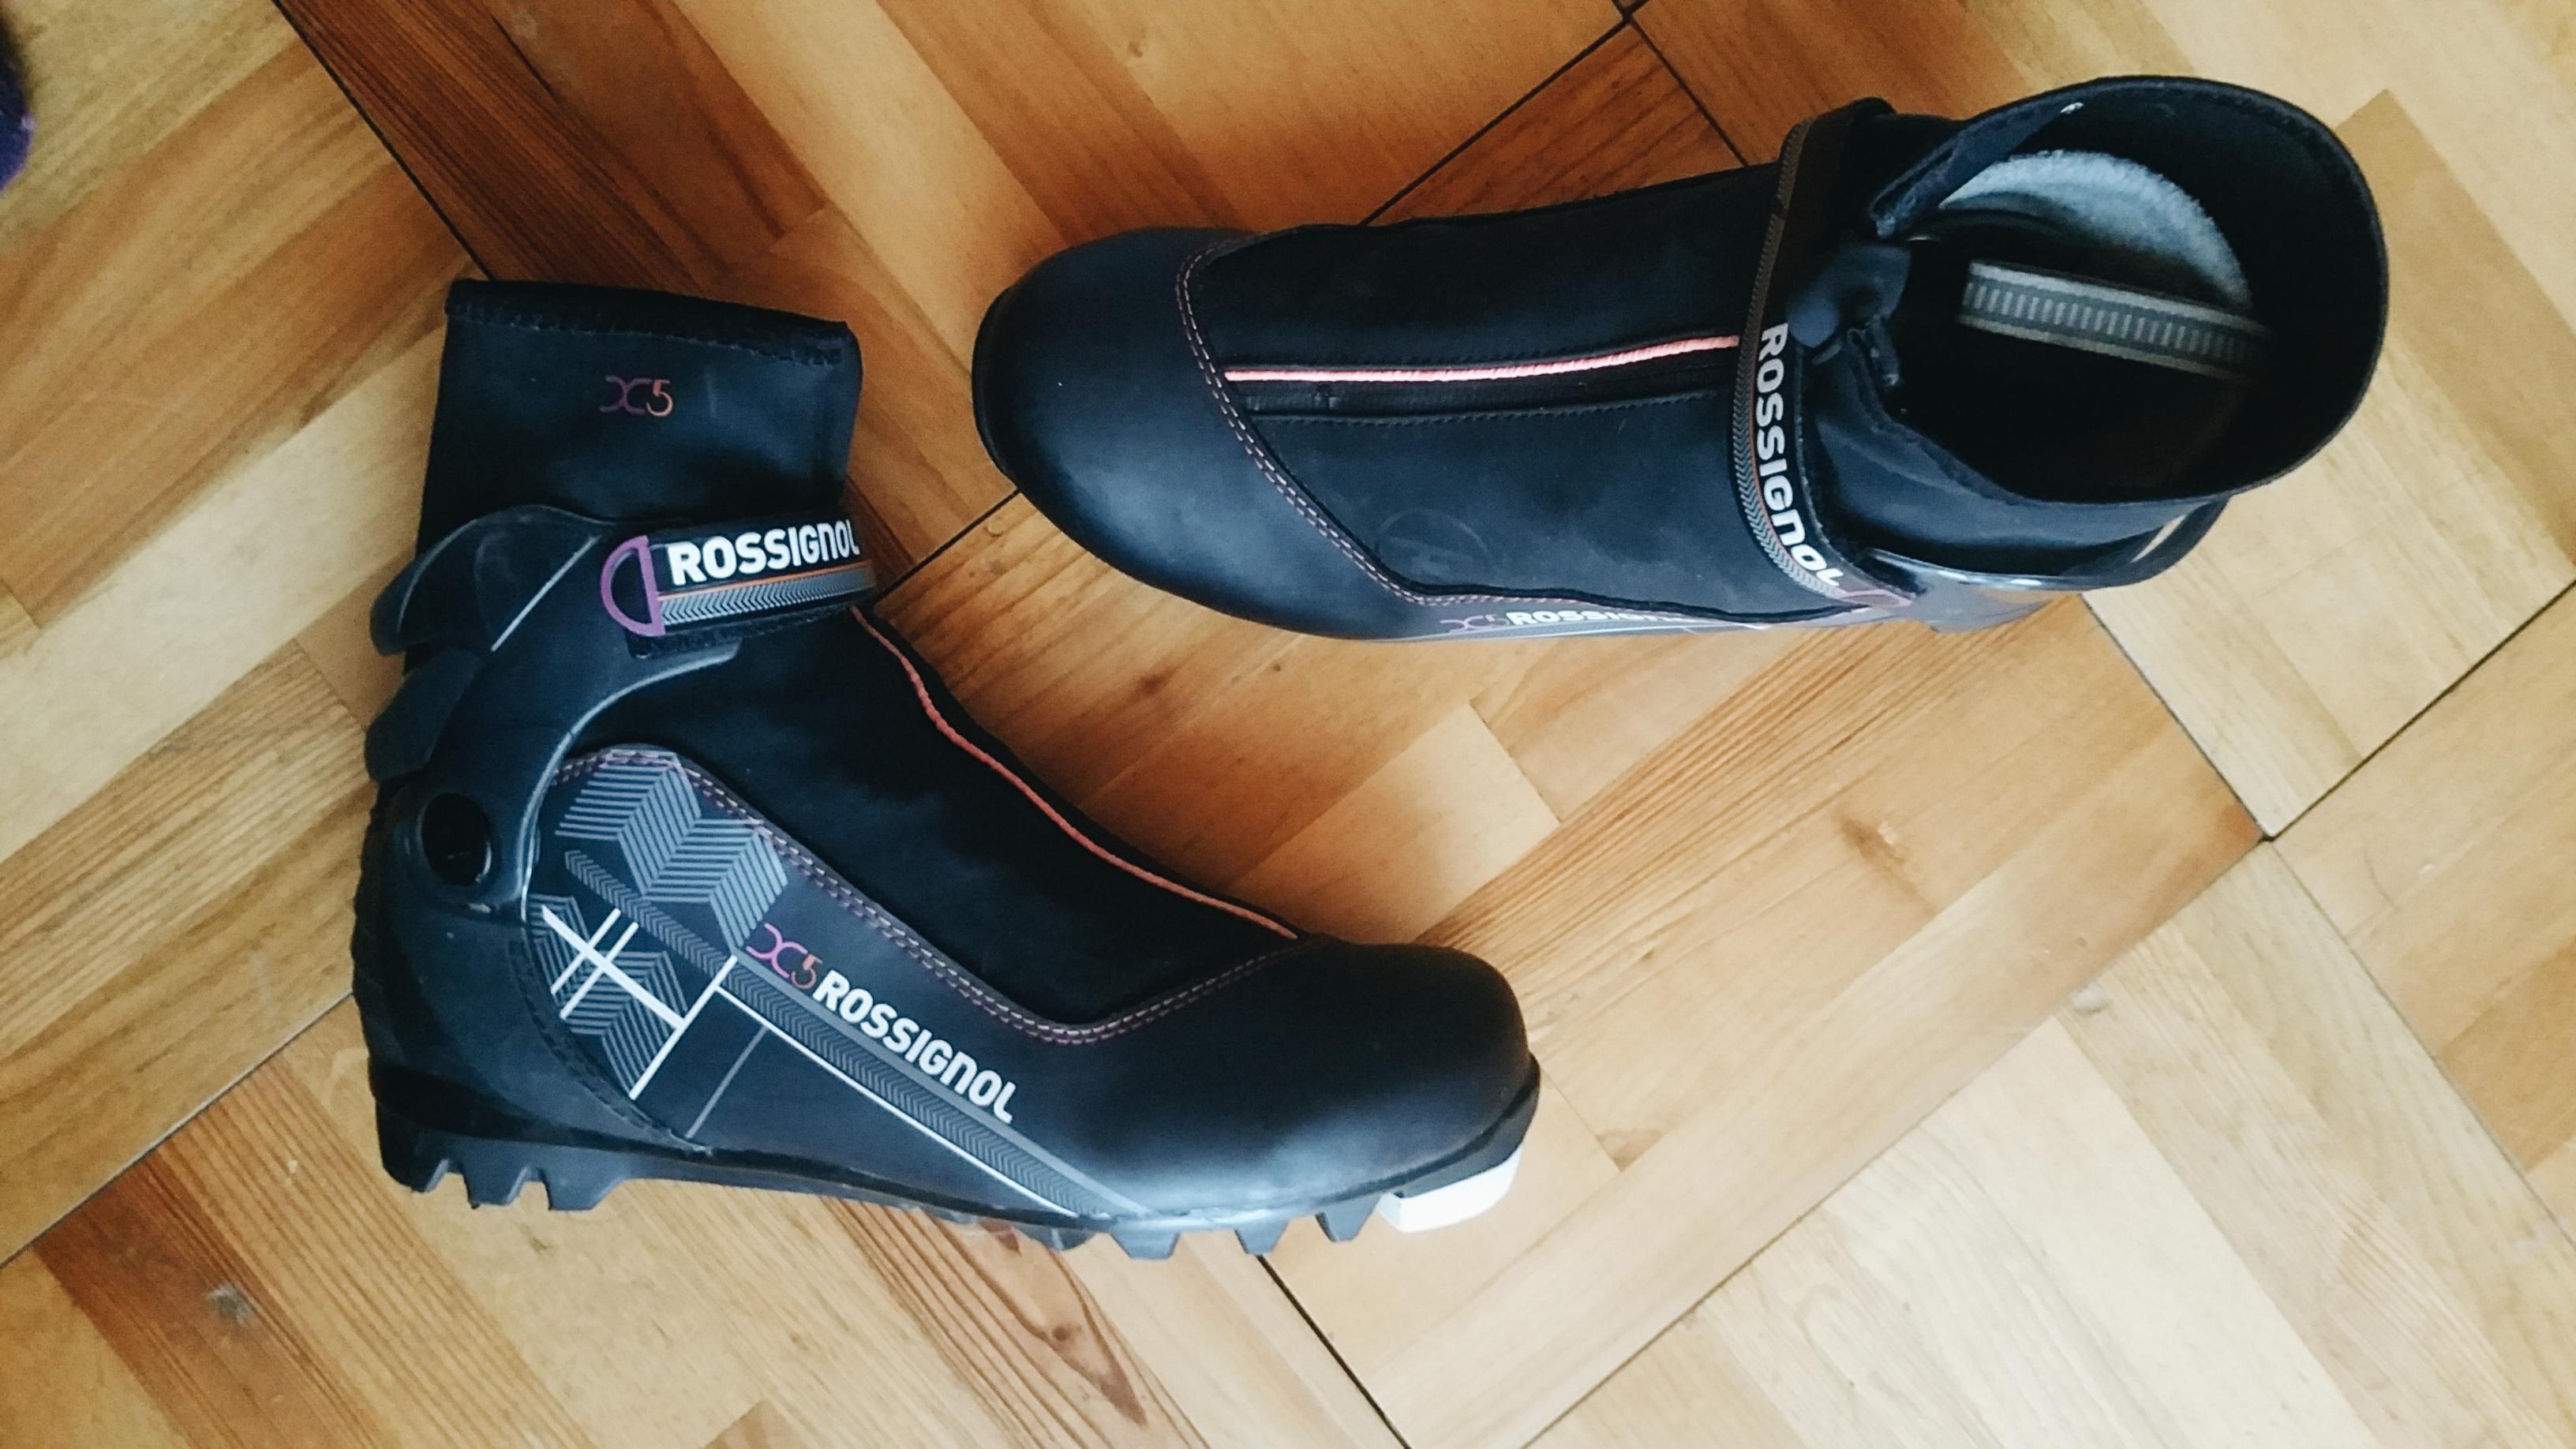 0b9ba1af51c Dámské combi boty Rossignol X-5 FW vel. 42 - Bazar - Běžky.net